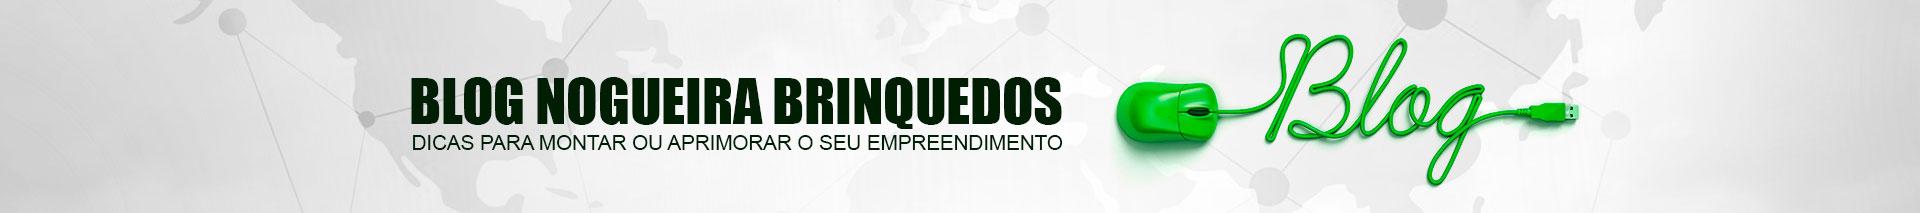 nosso-blog